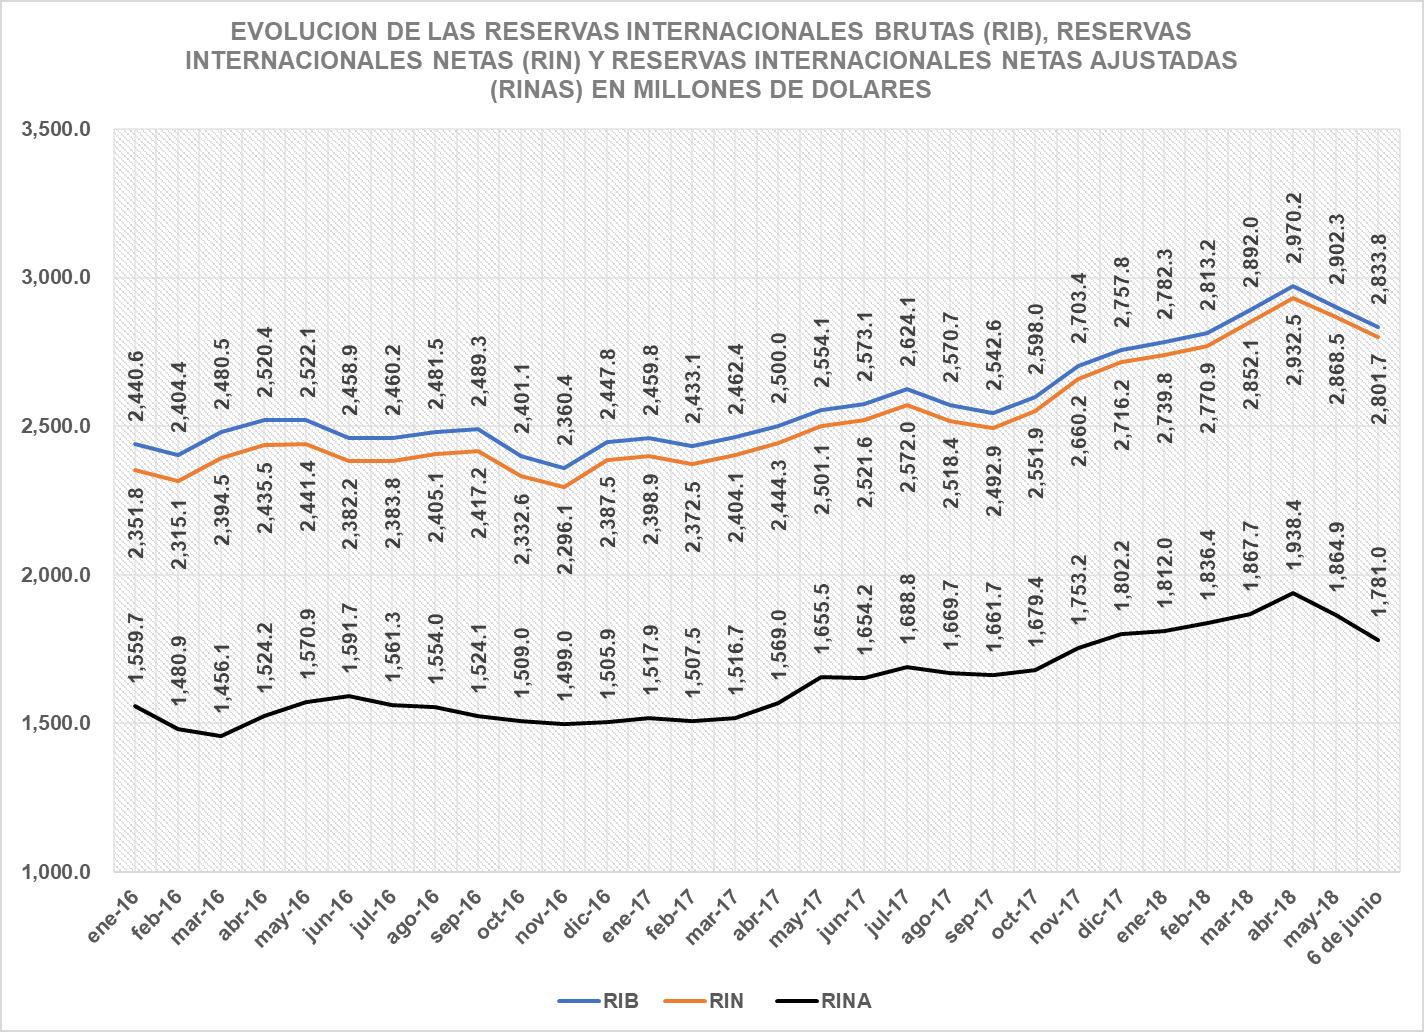 Gráfico sobre la disminución de las RINAS, tomado del economista Adolfo Acevedo